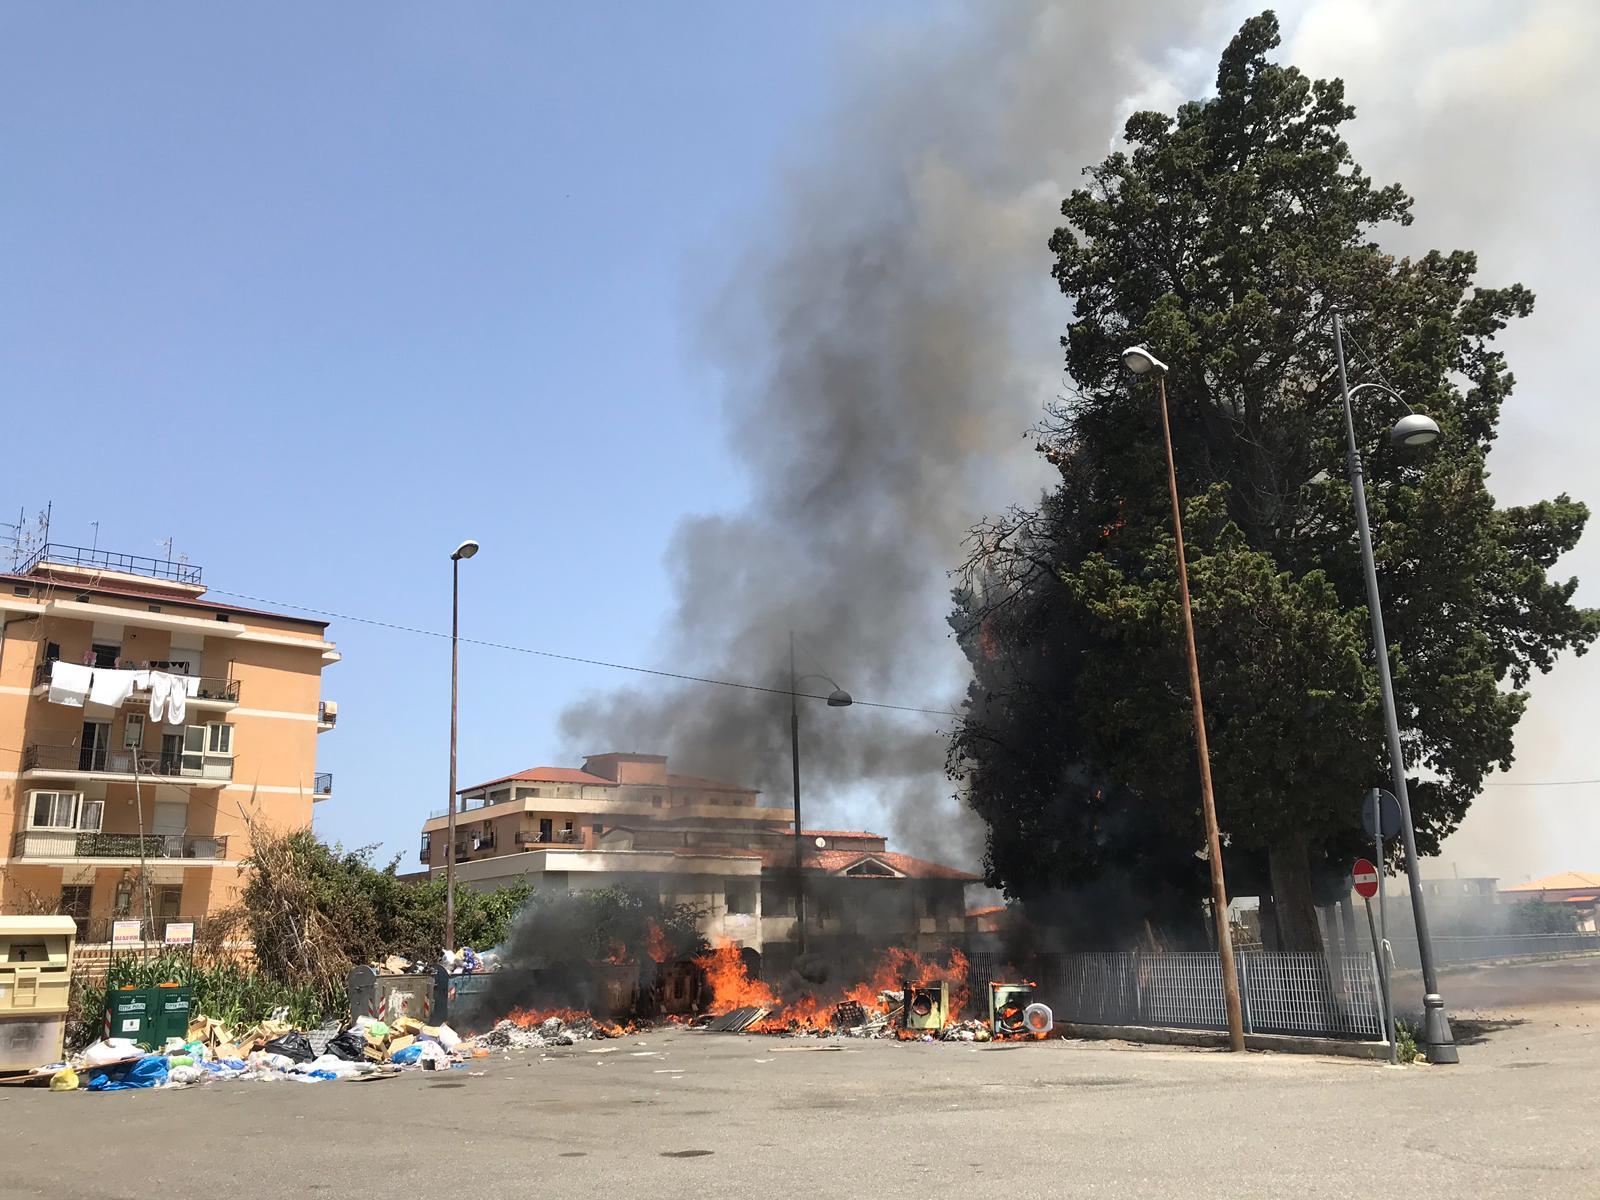 Discarica in fiamme a Pizzo, paura per i fumi. Visto un anziano appiccare il fuoco